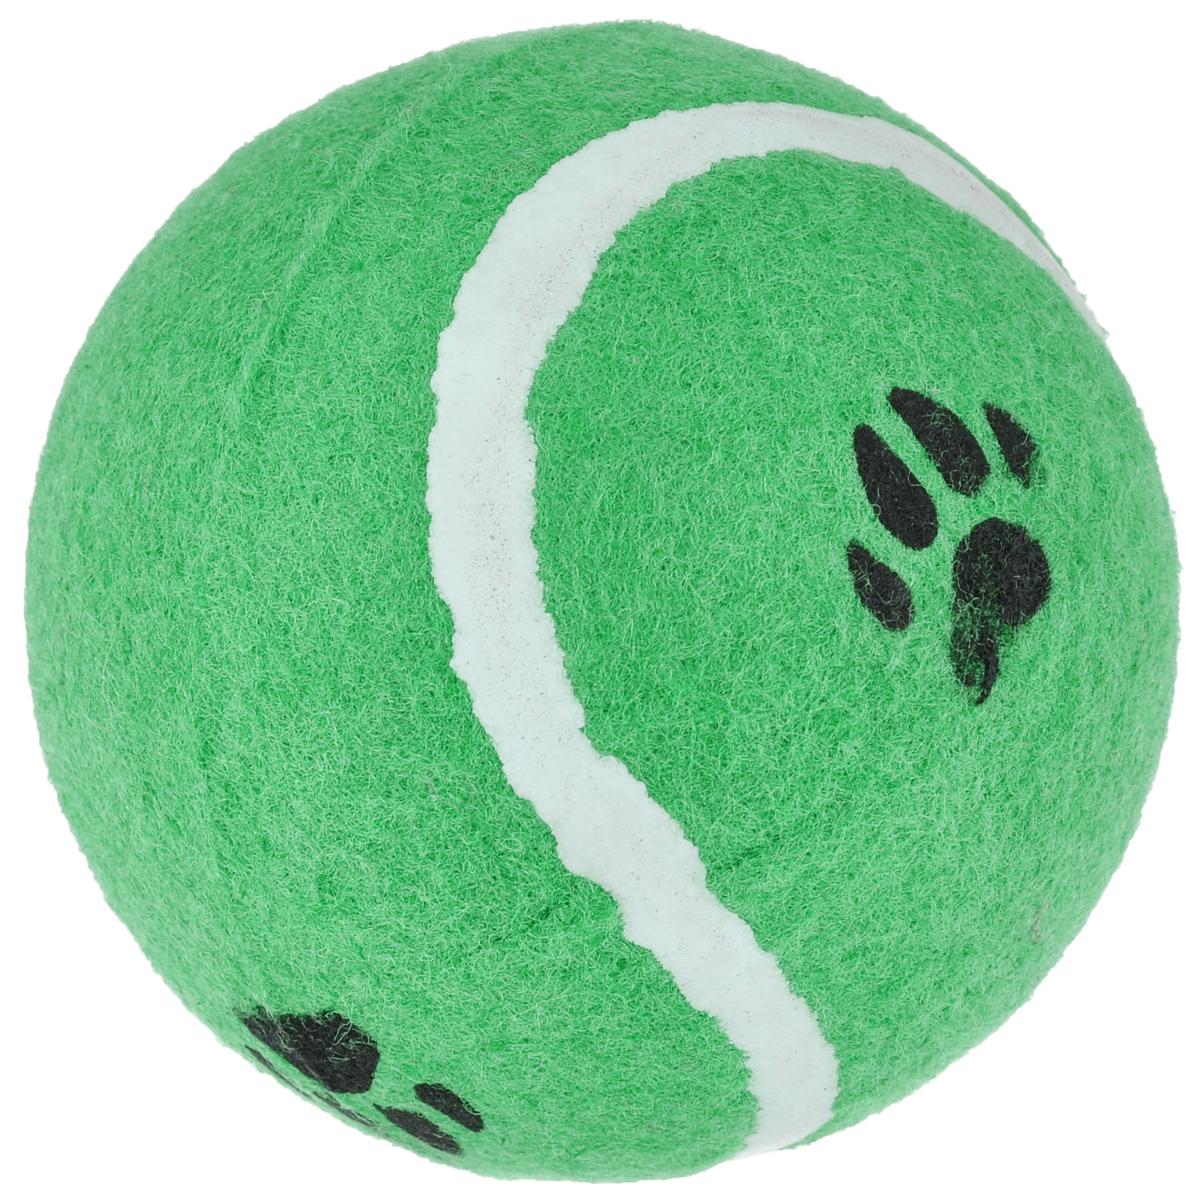 Игрушка для собак I.P.T.S. Мячик теннисный с отпечатками лап, цвет: зеленый, диаметр 10 см0120710Игрушка для собак I.P.T.S. Мячик теннисный с отпечатками лап изготовлена из прочной цветной резины с ворсистой поверхностью в виде реального теннисного мяча с отпечатками лап. Предназначена для игр с собакой любого возраста. Такая игрушка привлечет внимание вашего любимца и не оставит его равнодушным. Диаметр: 10 см.